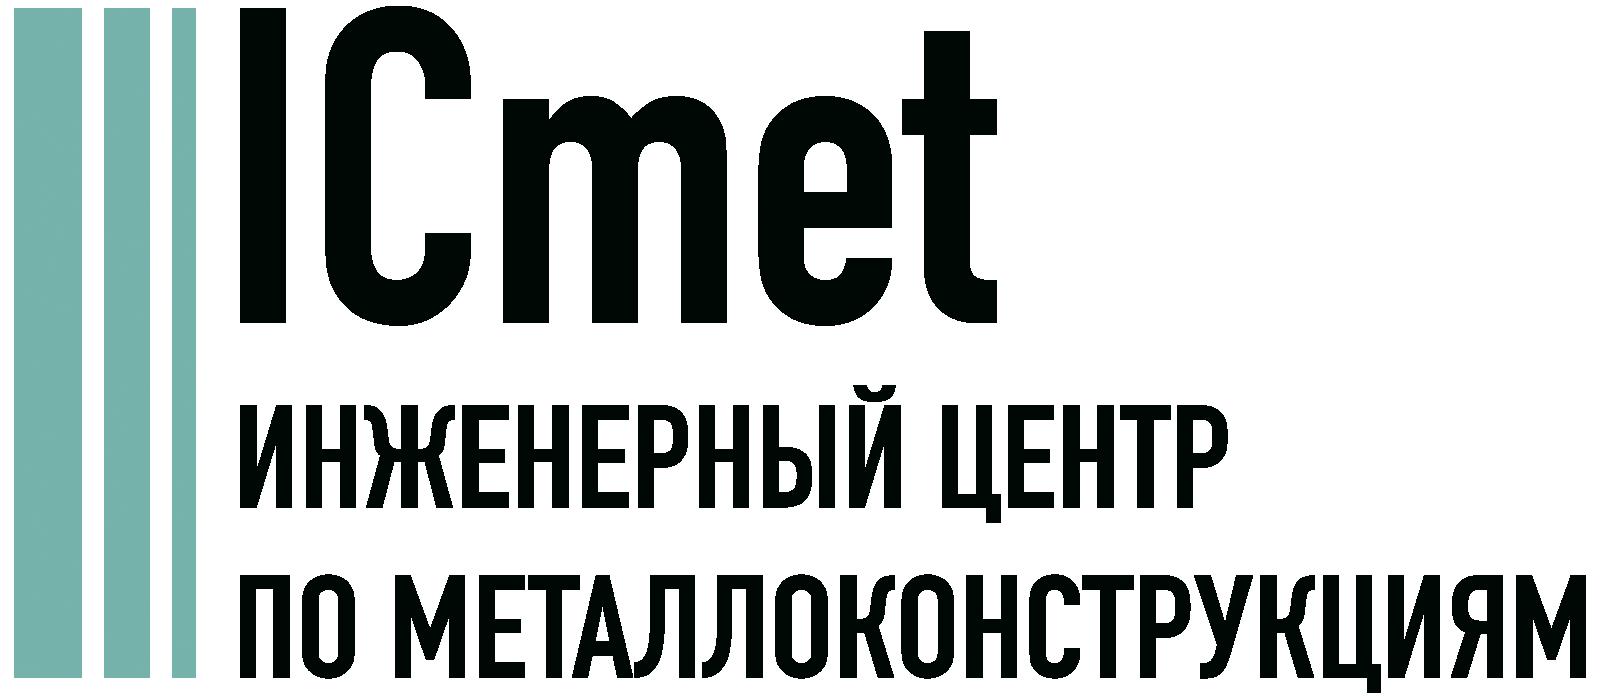 Проектирование металлоконструкций в Стерлитамаке